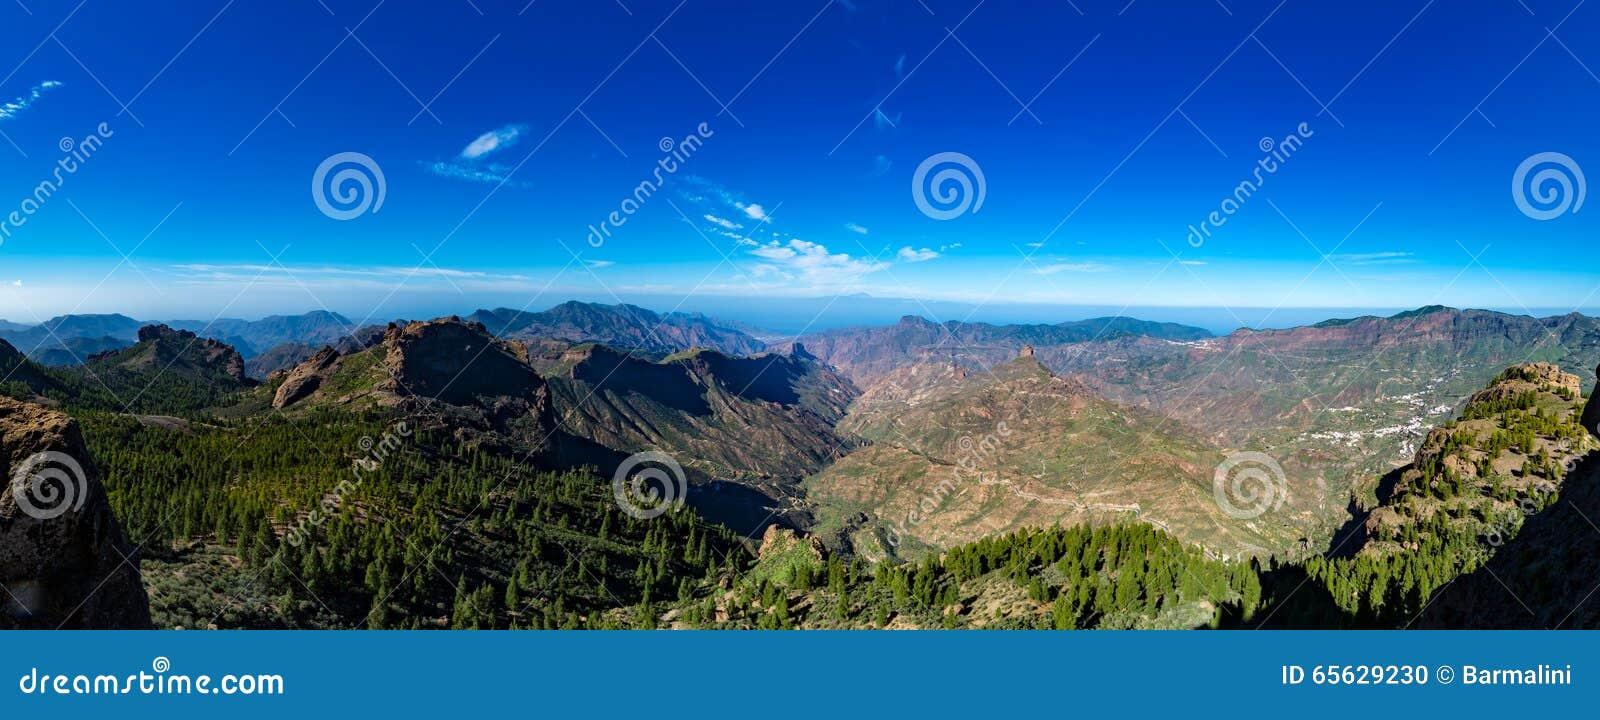 Chaîne de montagnes, vue de Pico de las Nieves, mamie Canaria, Espagne